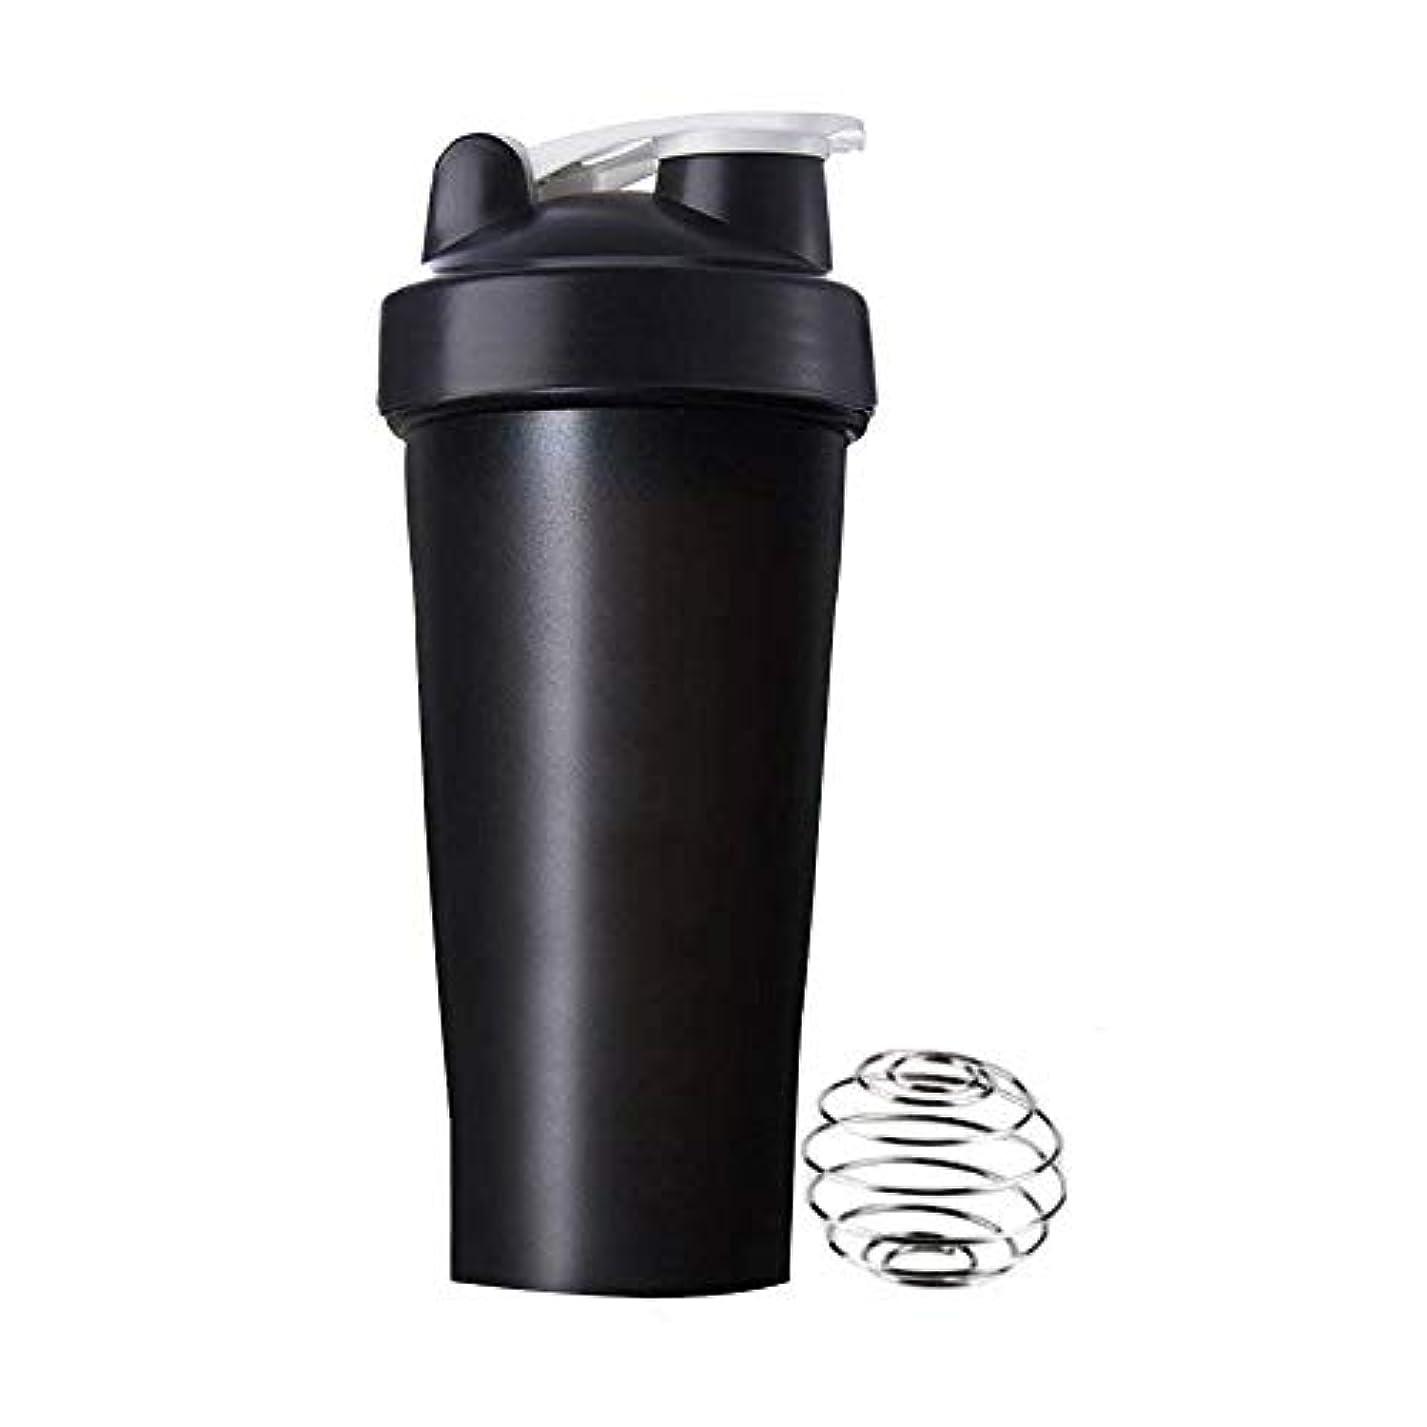 クーポンラフトオープニングgundoop プロテインシェイカー 直飲み プラスチックウォーターボトル ジム シェーカーボトル 600ml